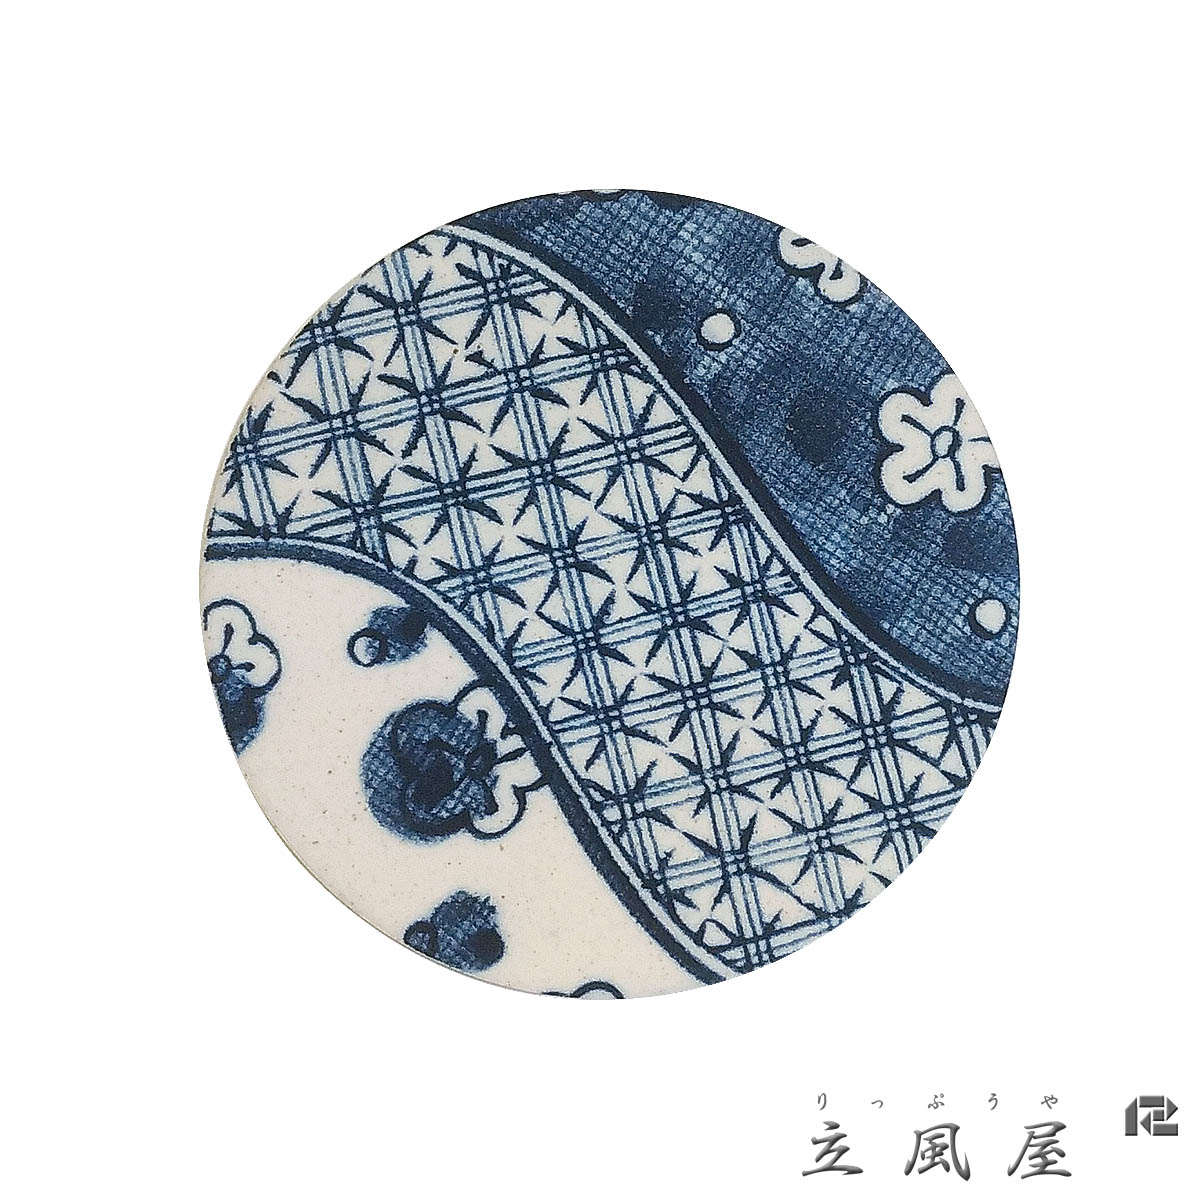 立風屋 珪藻土コースター 藍文様シリーズ 祥瑞(しょんずい) rpcs-wt-14101-01_c01